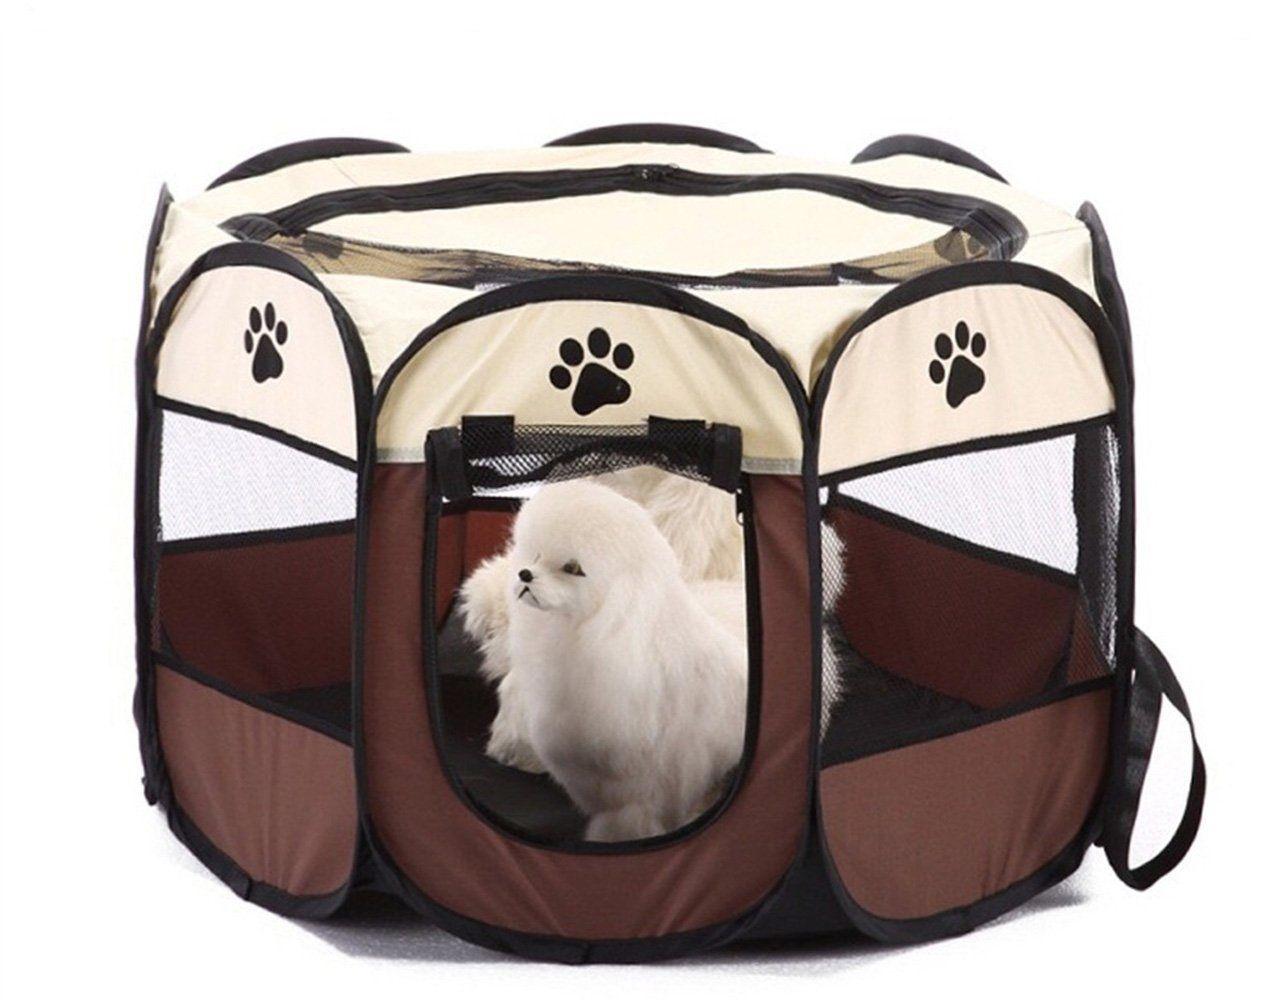 애완 동물 개 고양이 휴대용 접이식 접이식 애완 동물 캐리어 텐트 패브릭 하우스 Playpen 상자 케이지 개집 텐트 야외 실내 울타리 집